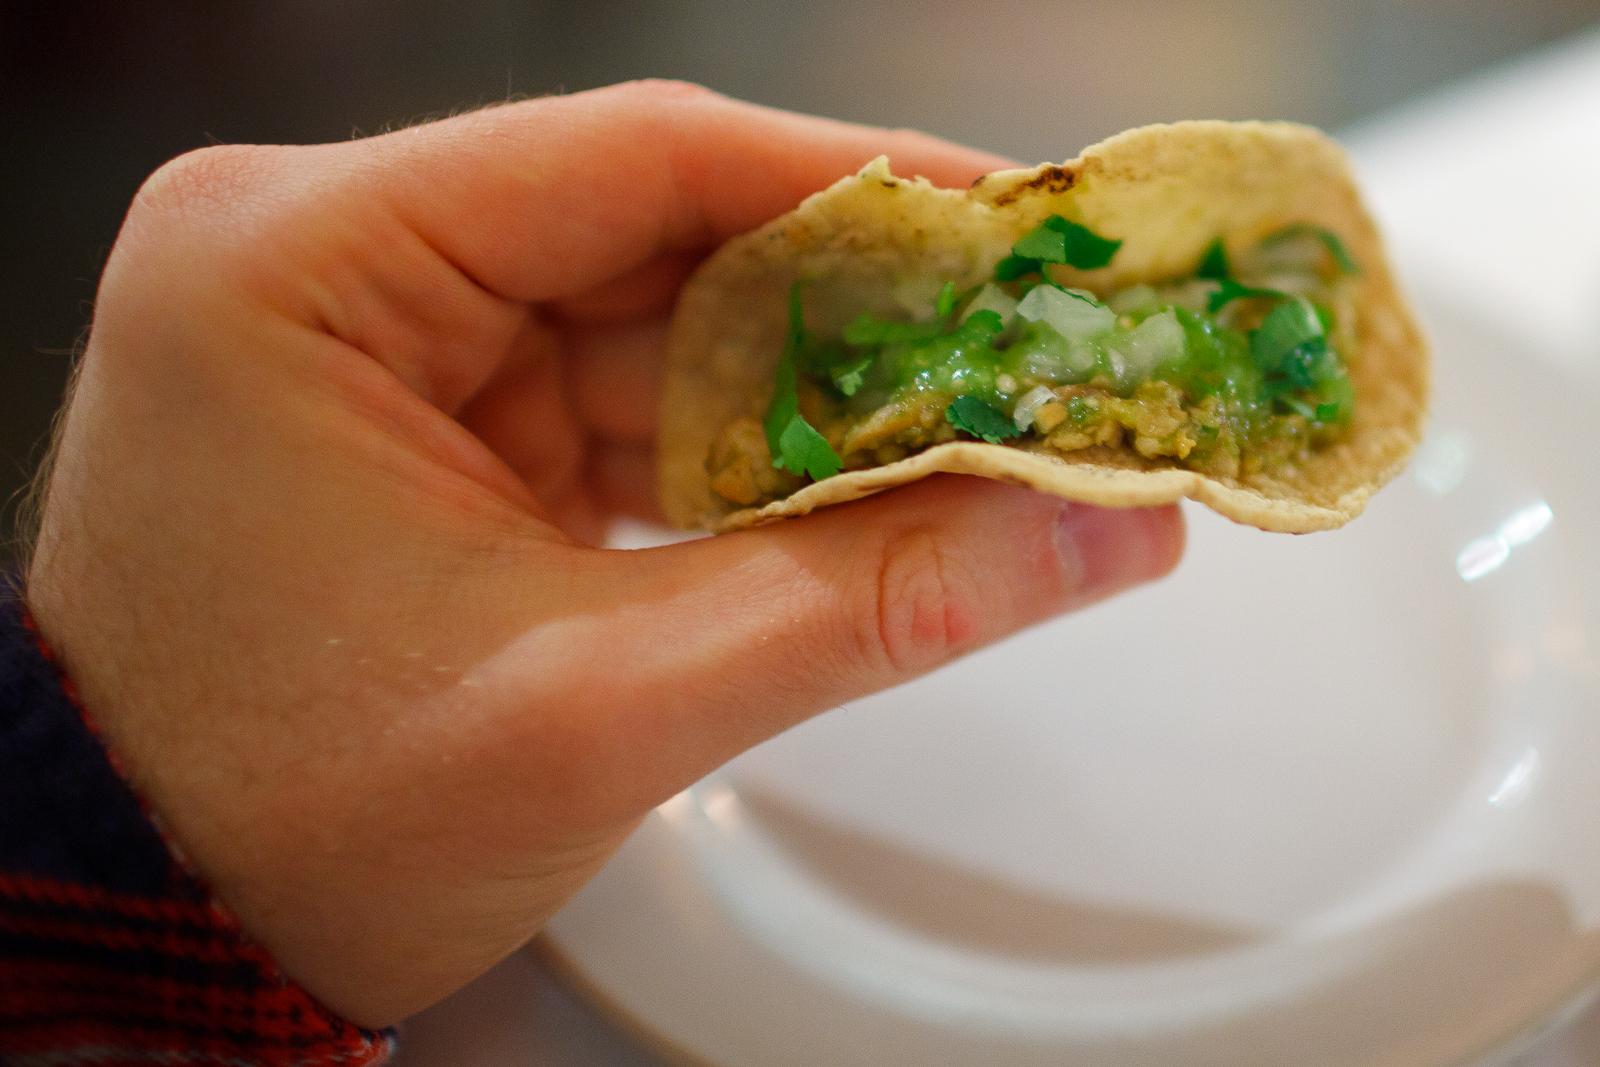 Tacos de chicharrón prensado en salsa verde con calabacitas y tortillas hechas a mano (Pressed pork skin tacos, green salsa, squash, and hand-made tortillas) ($95 MXP), single.jpg